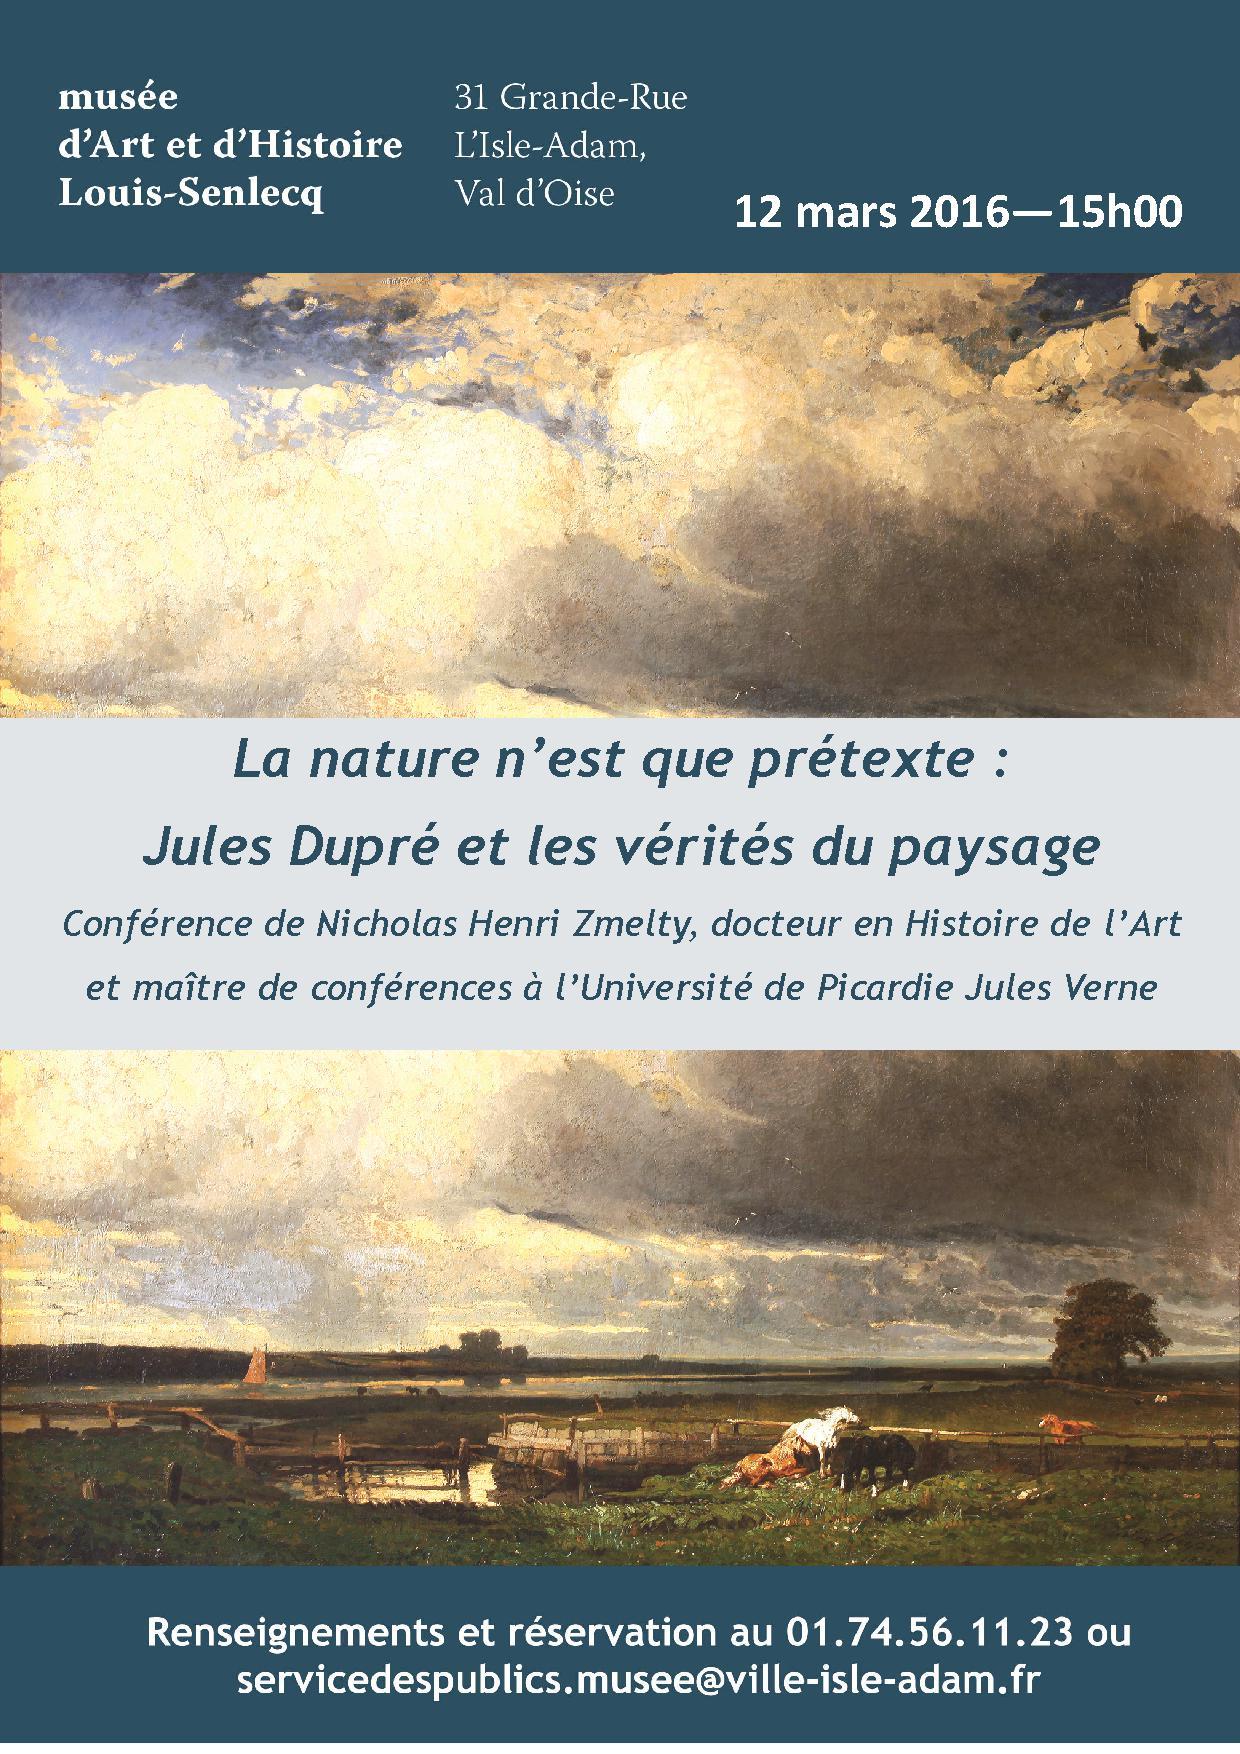 La nature n'est que prétexte. Jules Dupré et les vérités du paysage.